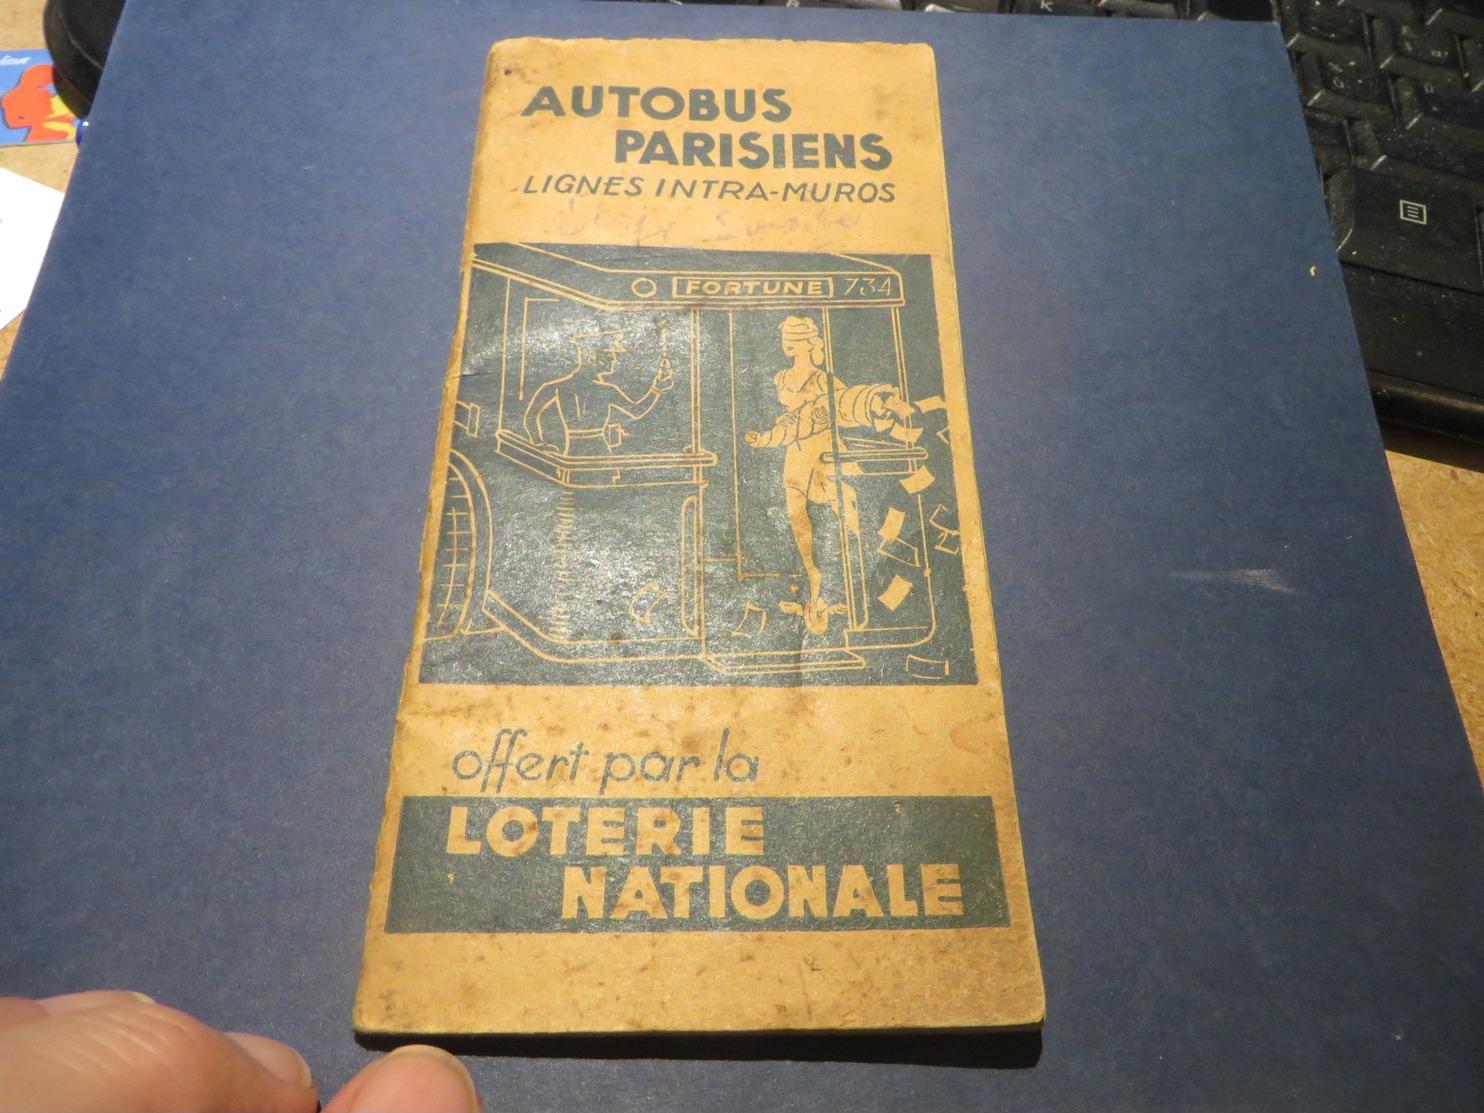 LIGNES D'AUTOBUS ET PUBLICITE LOTERIE NATIONAL - Transports